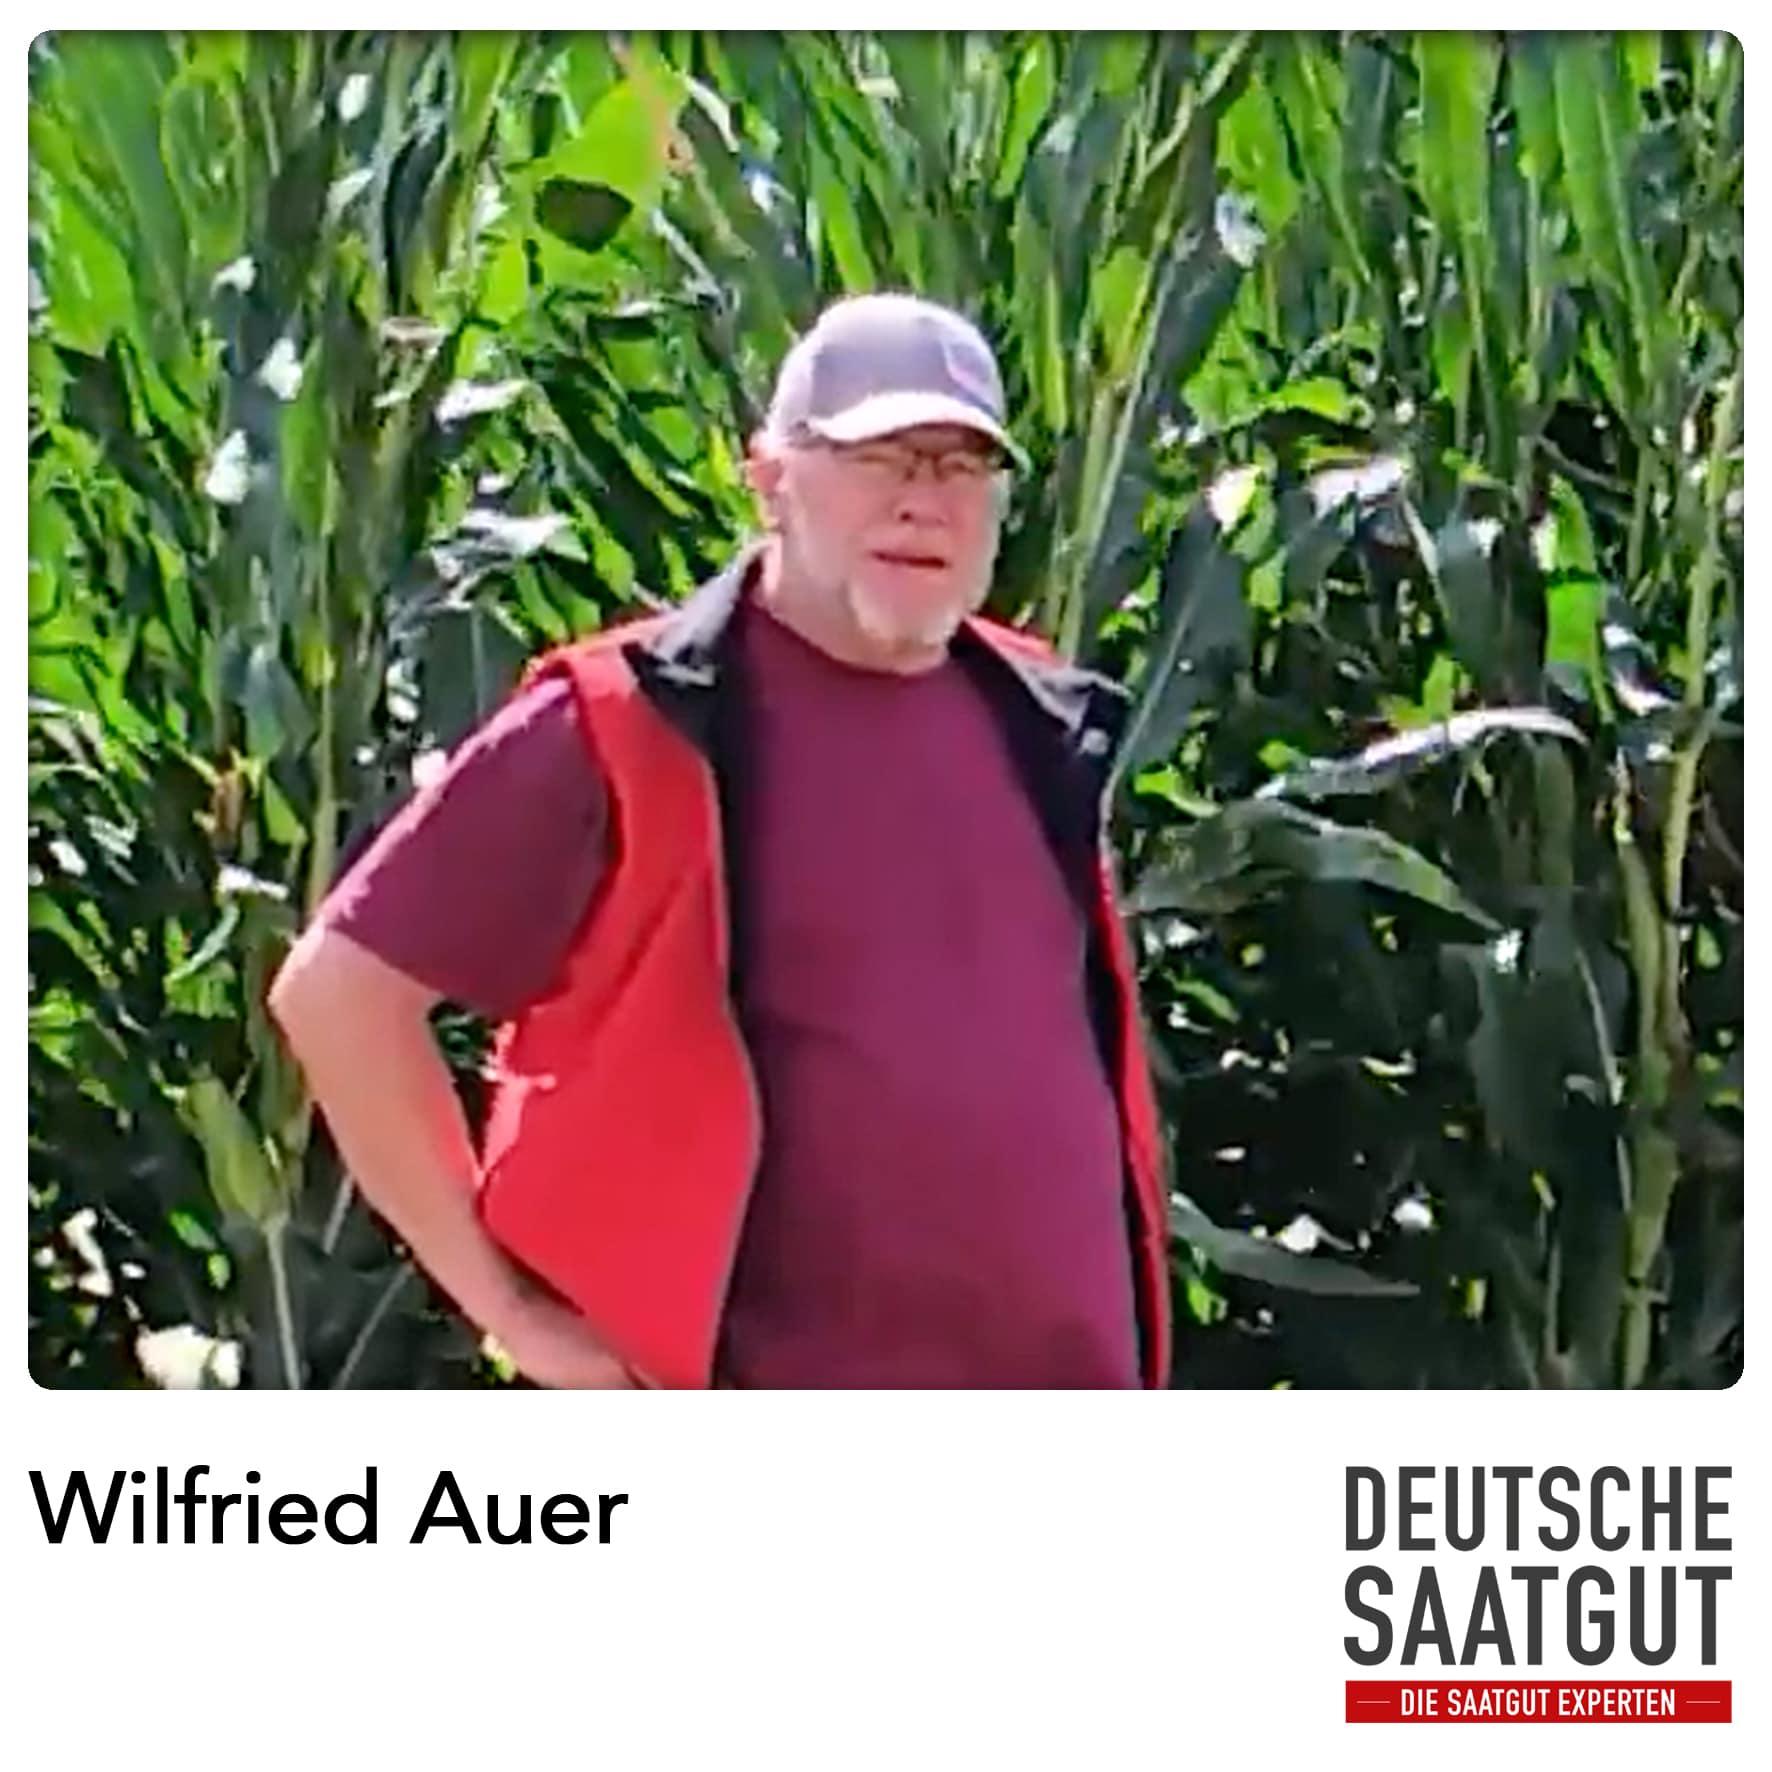 Wilfried Auer beim Mais-Demoversuch in Baden-Württemberg.